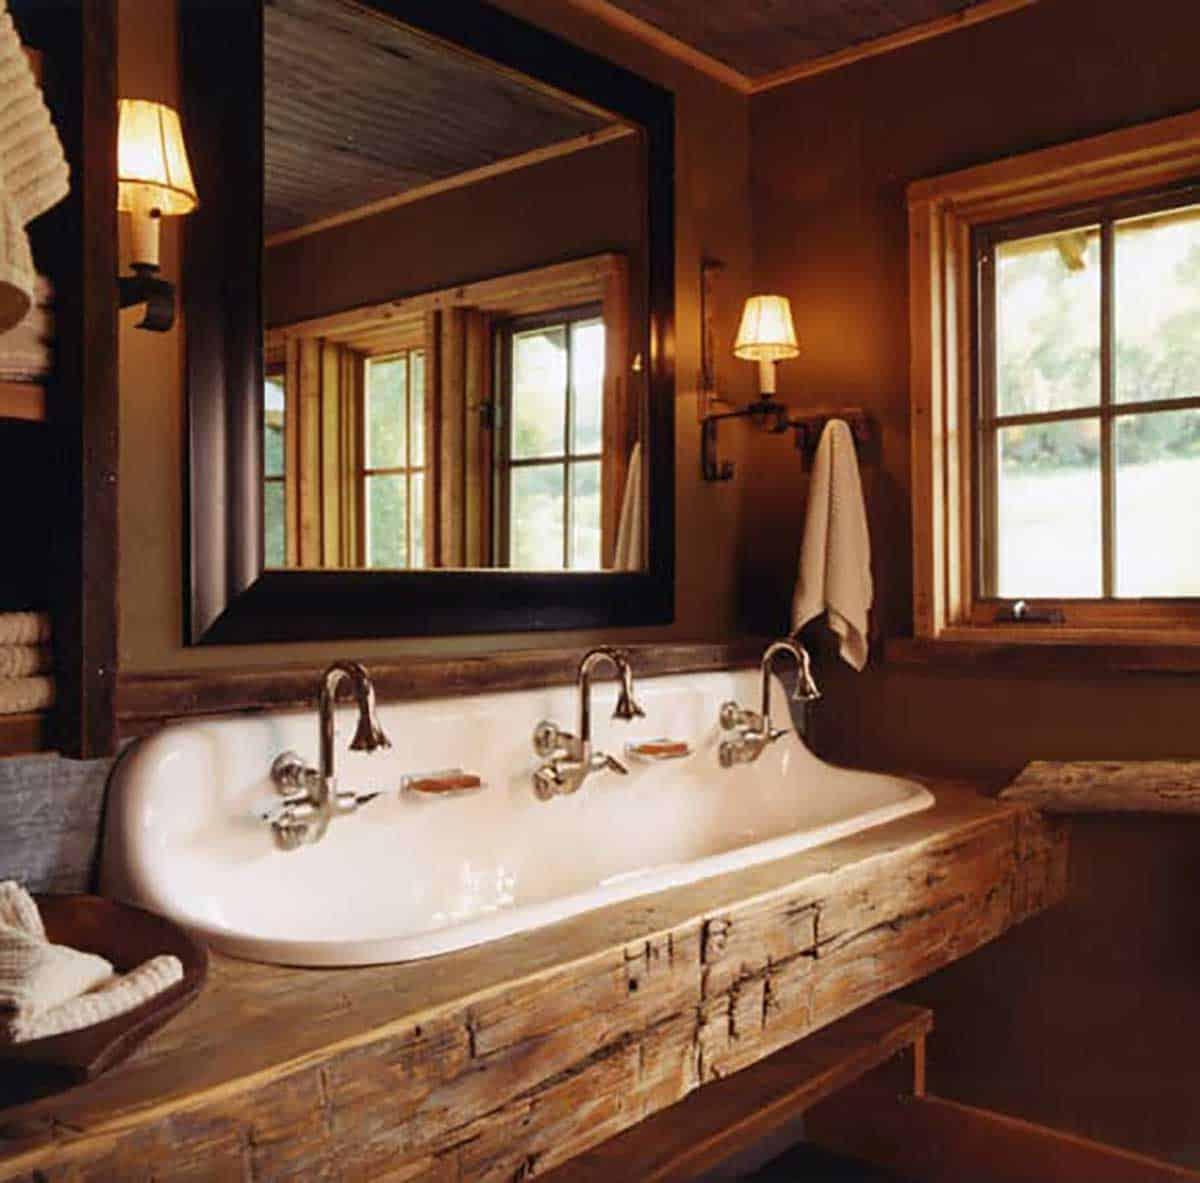 Rustic-wooden-sink